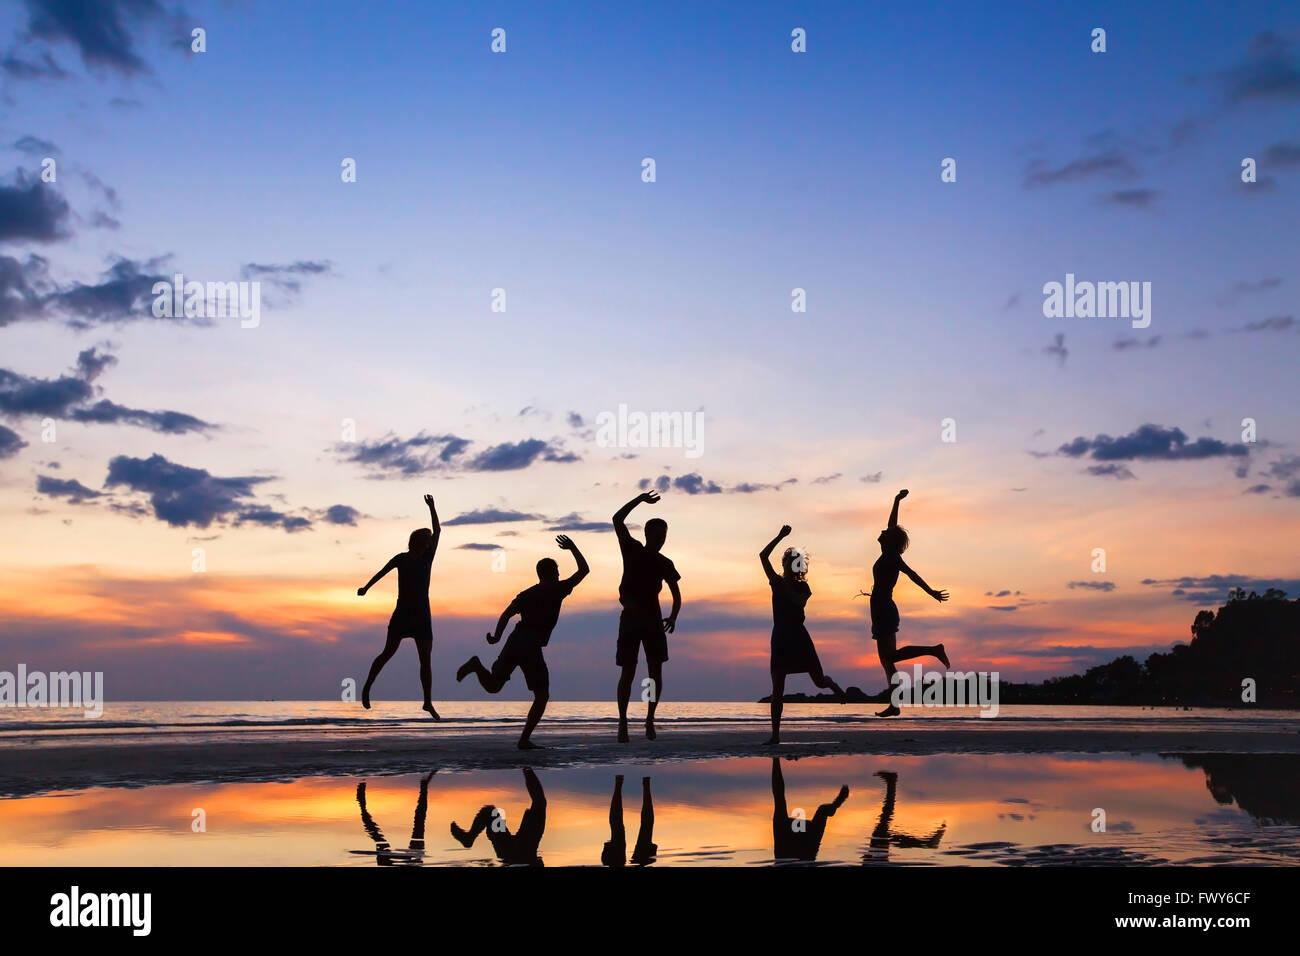 Gruppo di persone che saltano sulla spiaggia al tramonto, silhouette di amici divertendosi insieme Immagini Stock